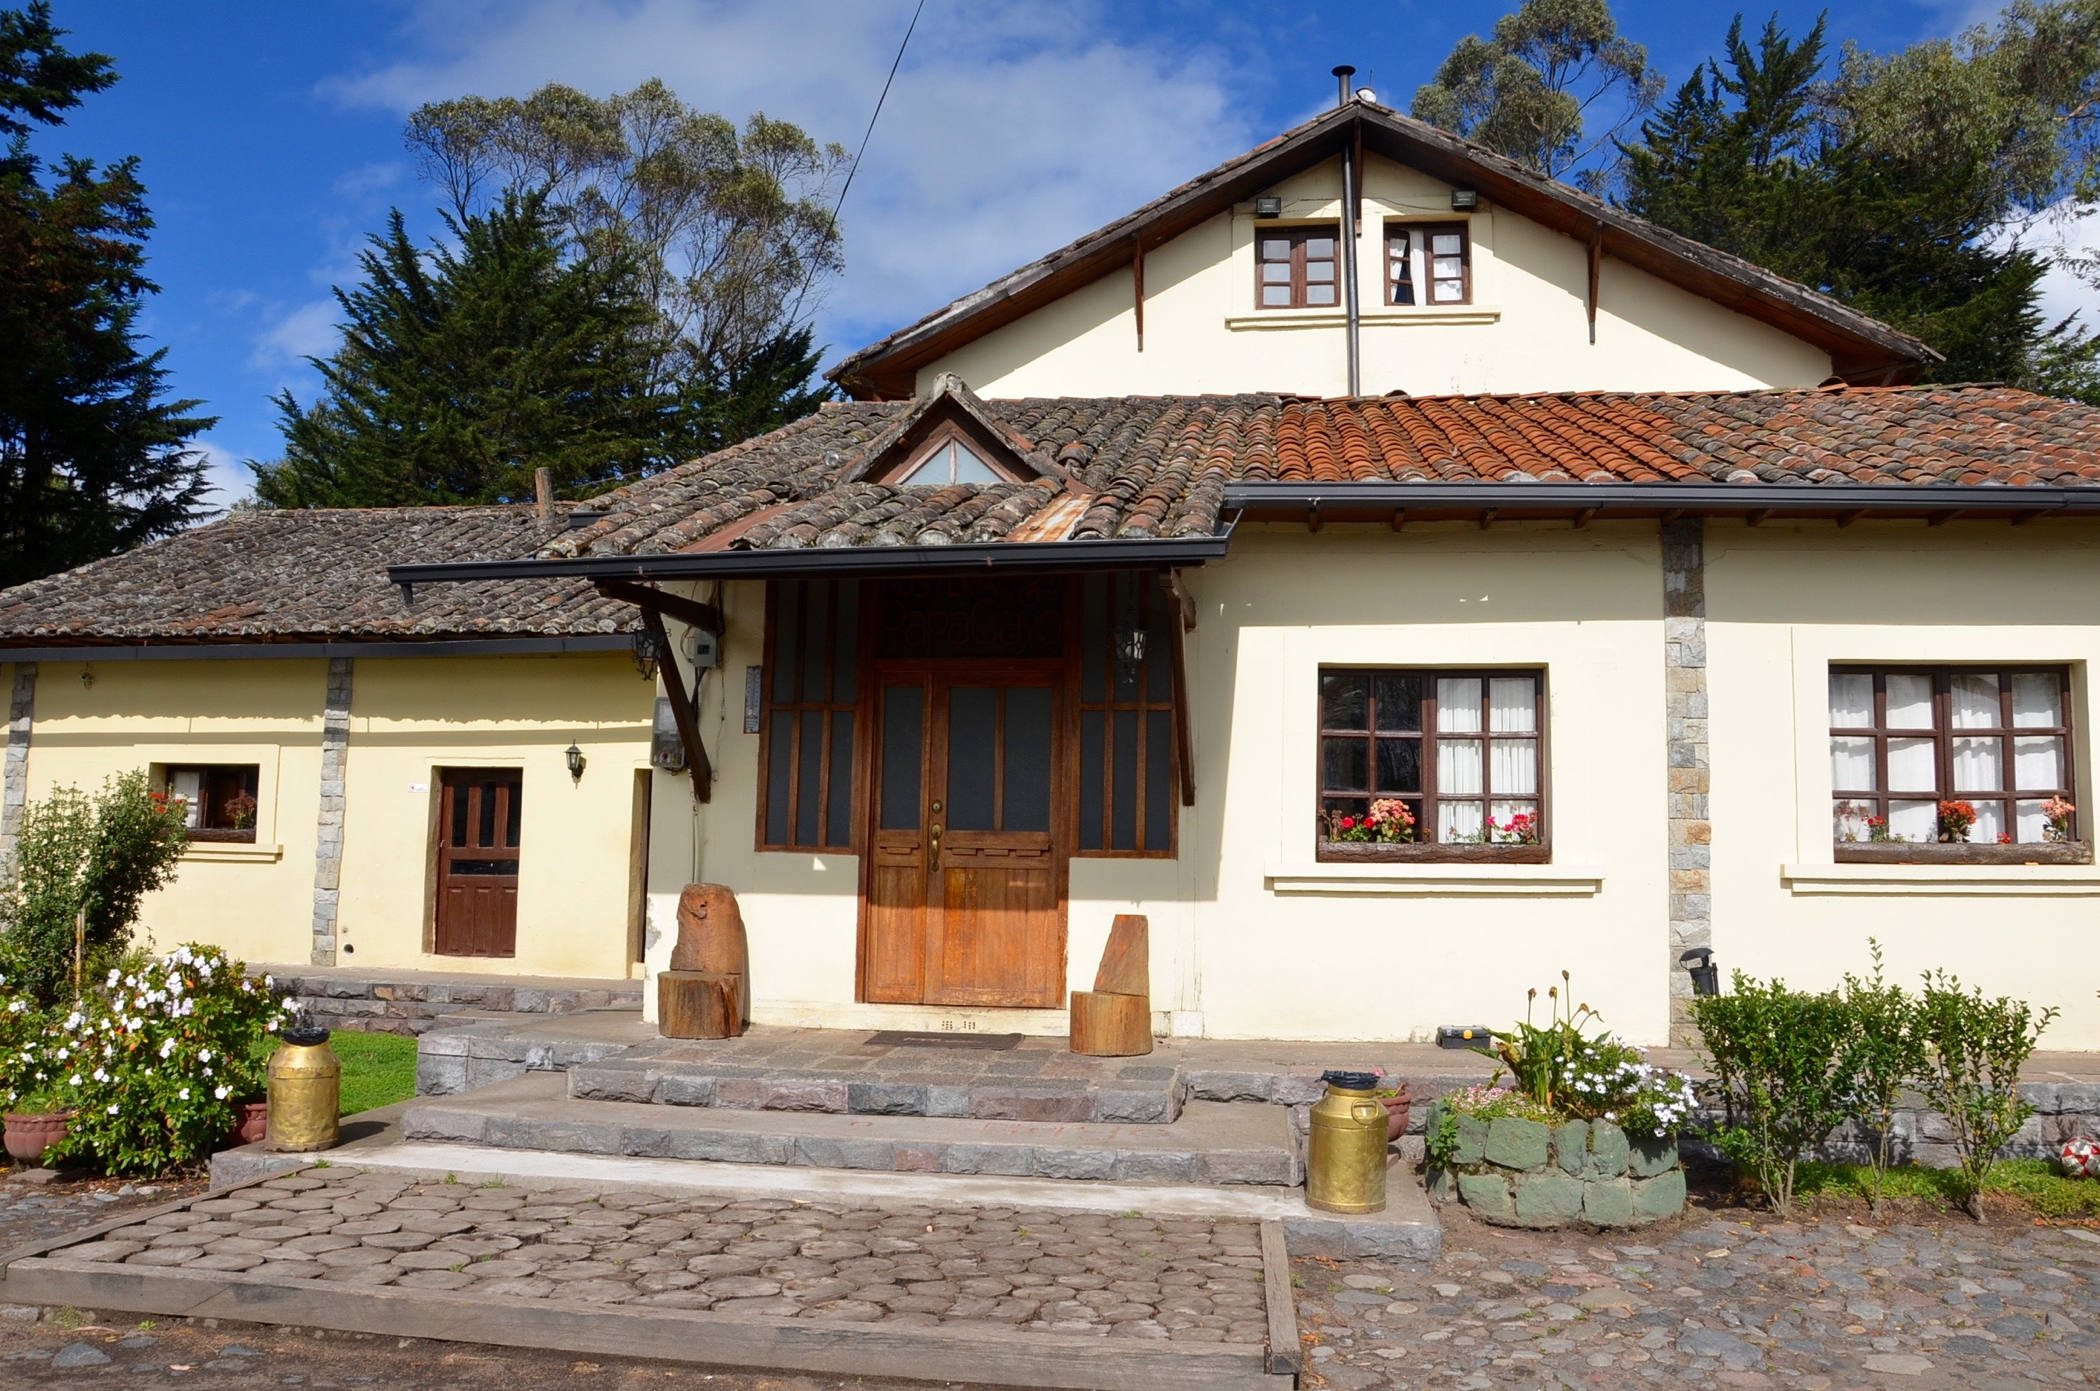 Hosteria_Papagayo_Hotel_Cotopaxi_Ecuador_House